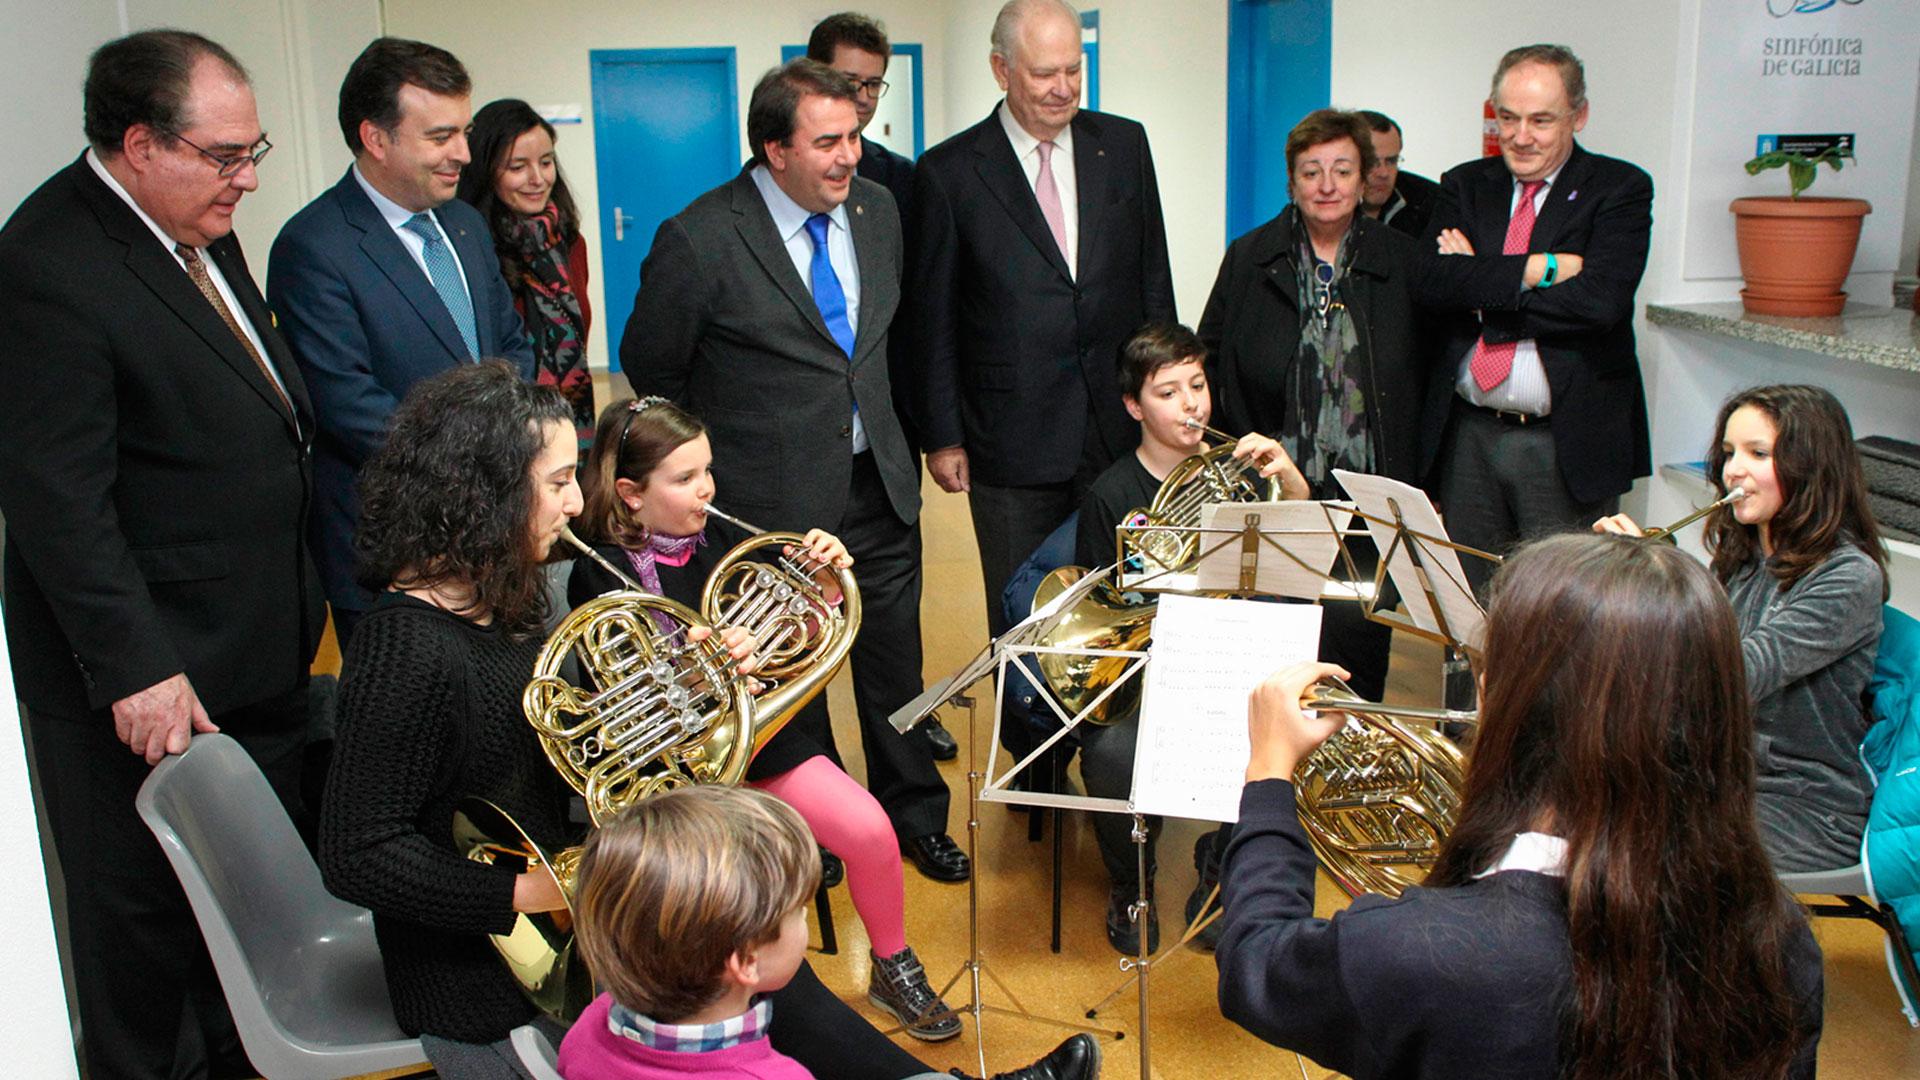 ReSuena retoma sus actividades con un concierto con obras de Vivaldi, Haydn y Mozart en el Centro Oncológico de Galicia, en A Coruña